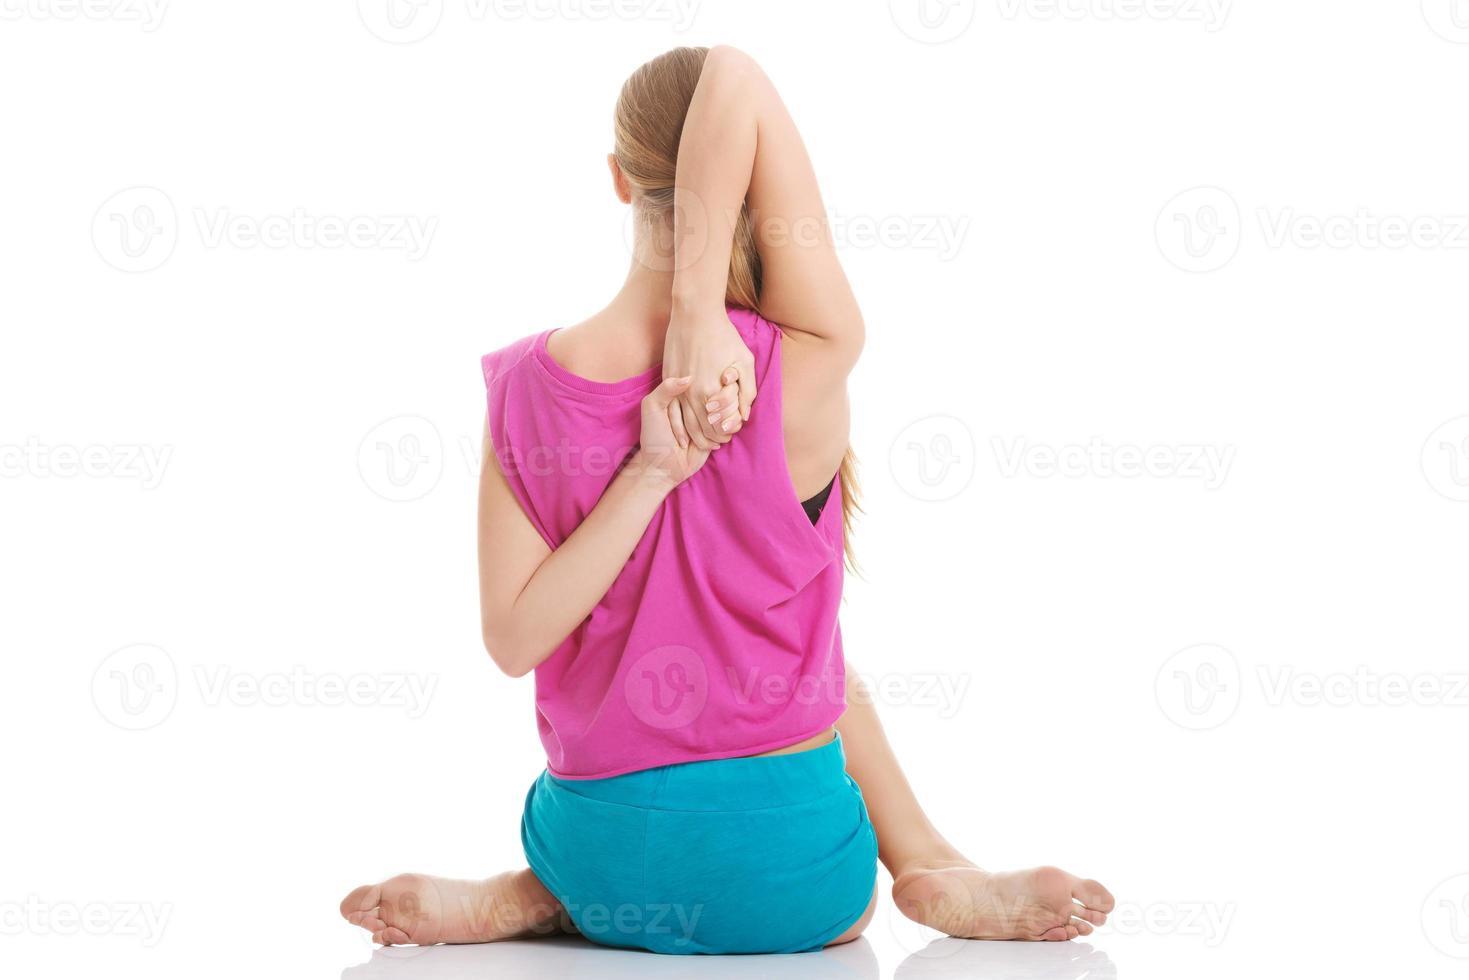 linda mulher caucasiana está fazendo exercícios. foto